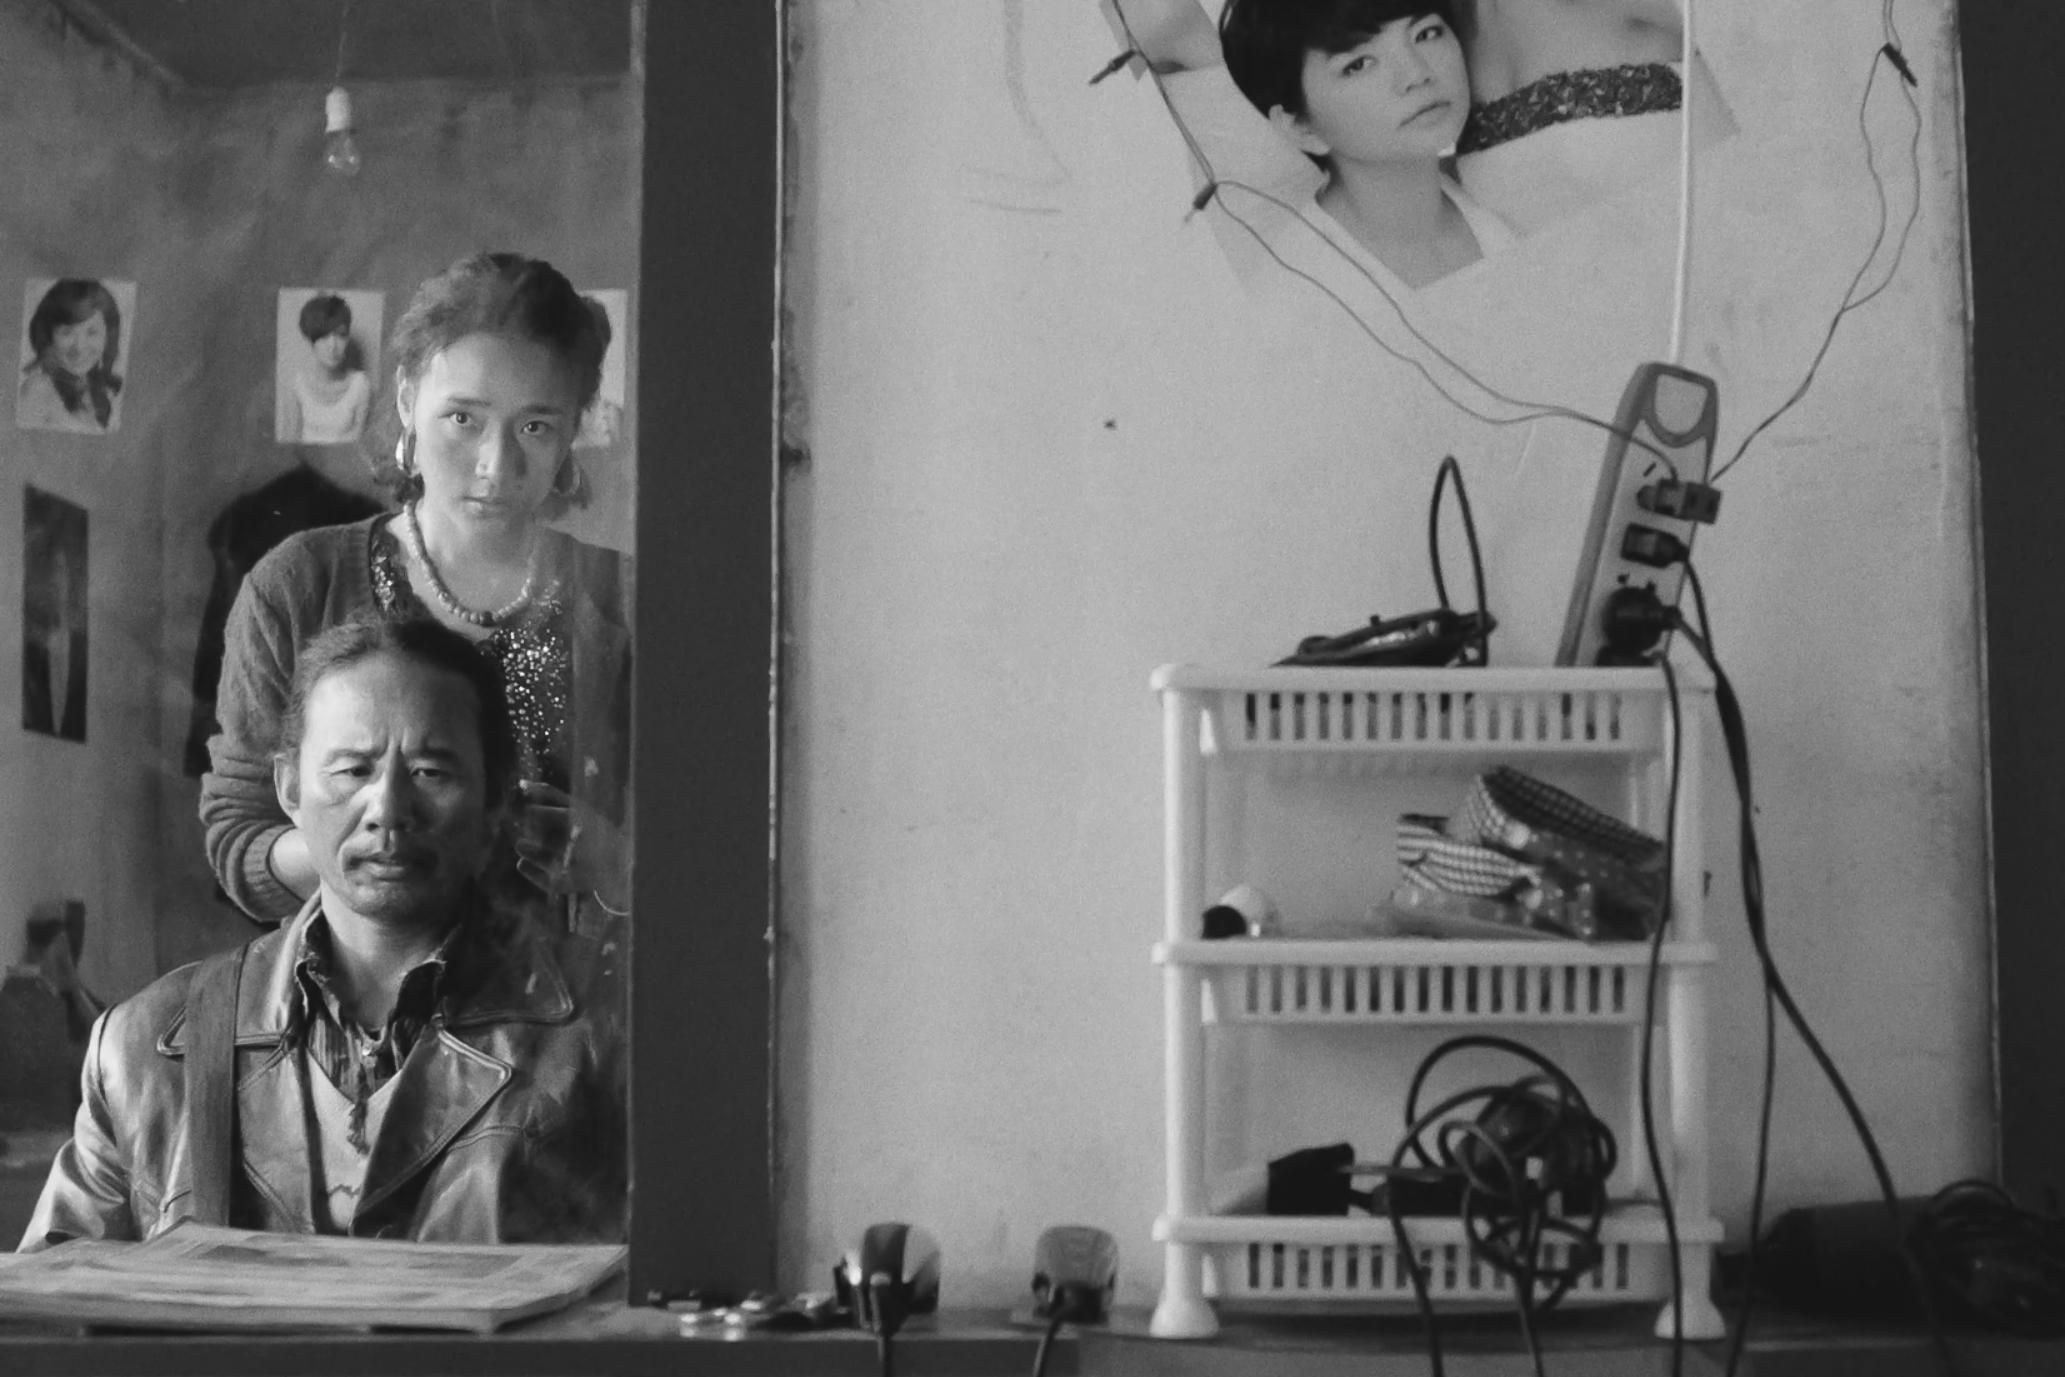 Tharlo (Shide Nyima) and Yangtso (Yangshik Tso), the salon owner who washes his hair.